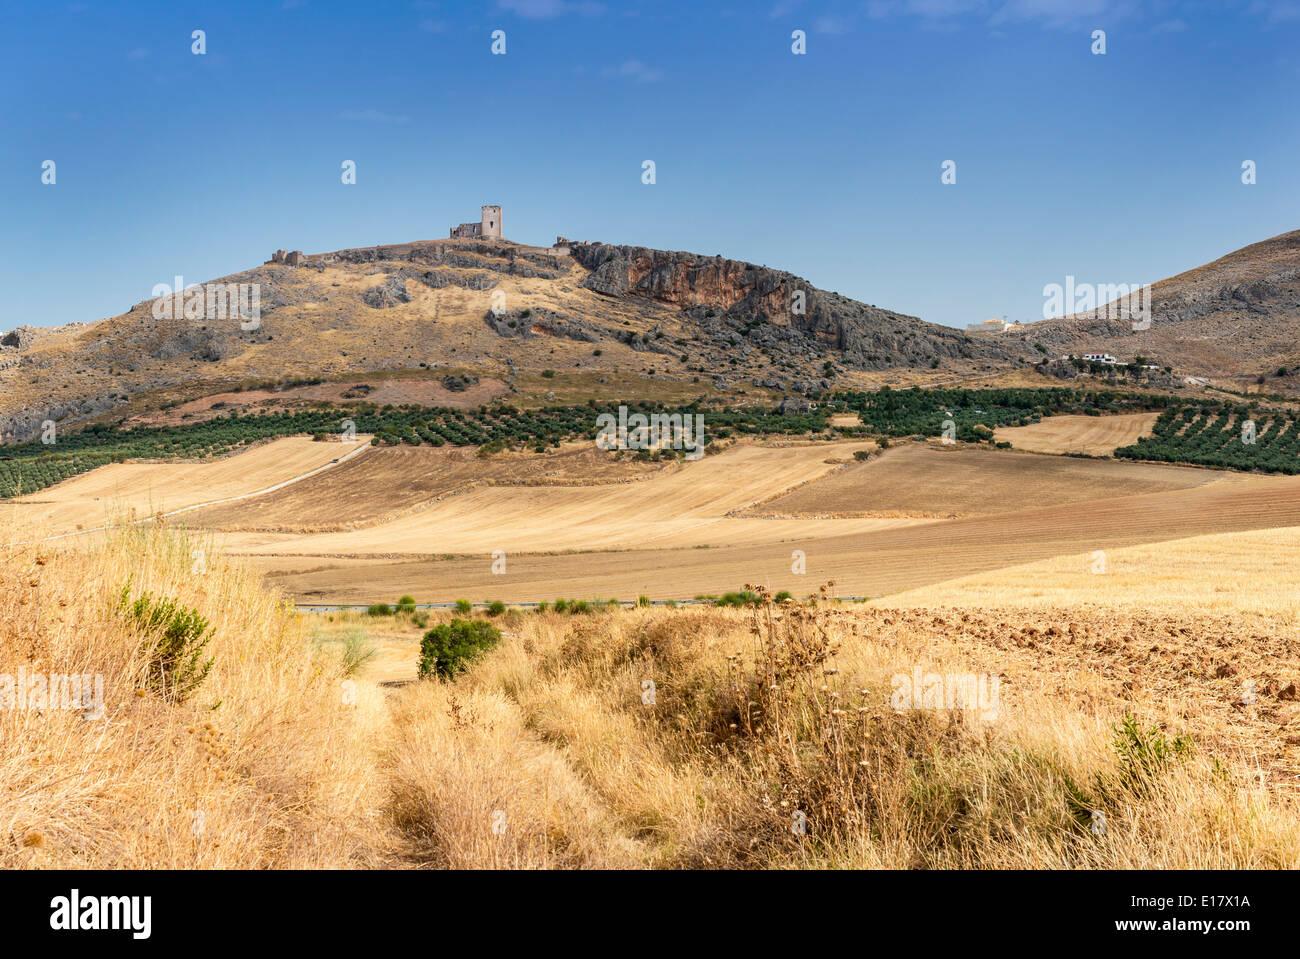 Il castello di Teba Provincia di Malaga Andalusia Spagna Immagini Stock